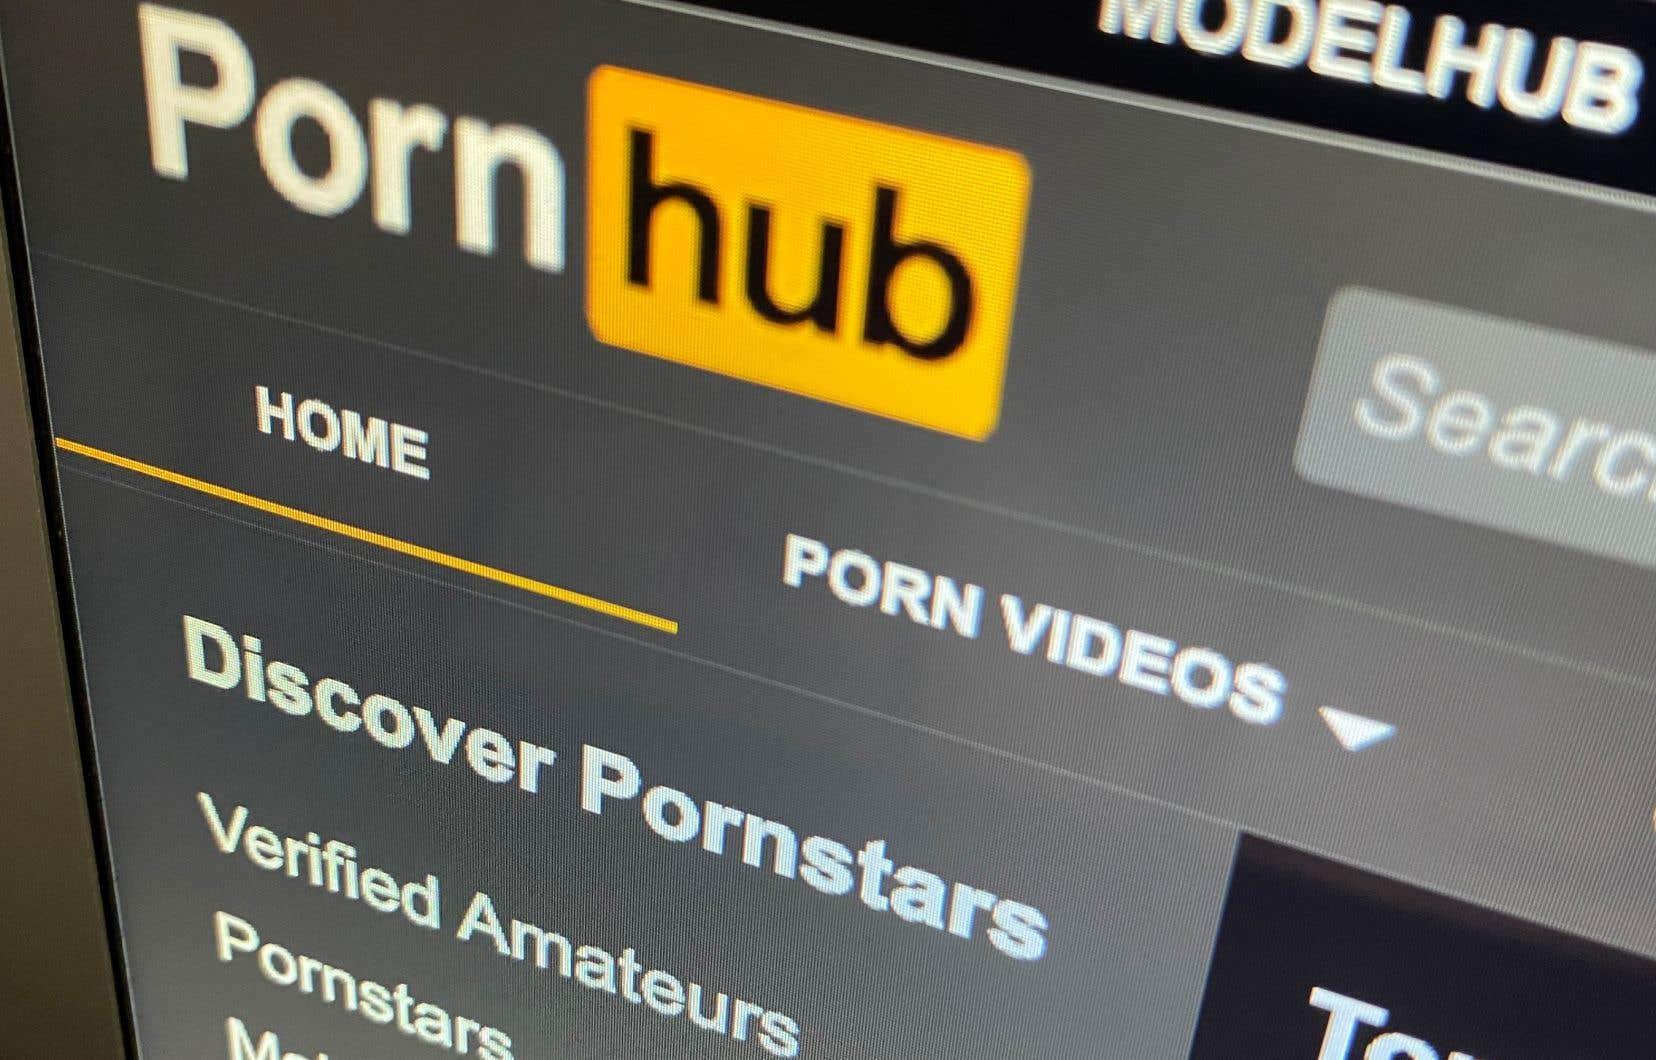 Le géant de la pornographie en ligne hébergerait du matériel présentant de la pornographie juvénile et des agressions sexuelles, en plus de vidéos tournées ou publiées sans le consentement des sujets.